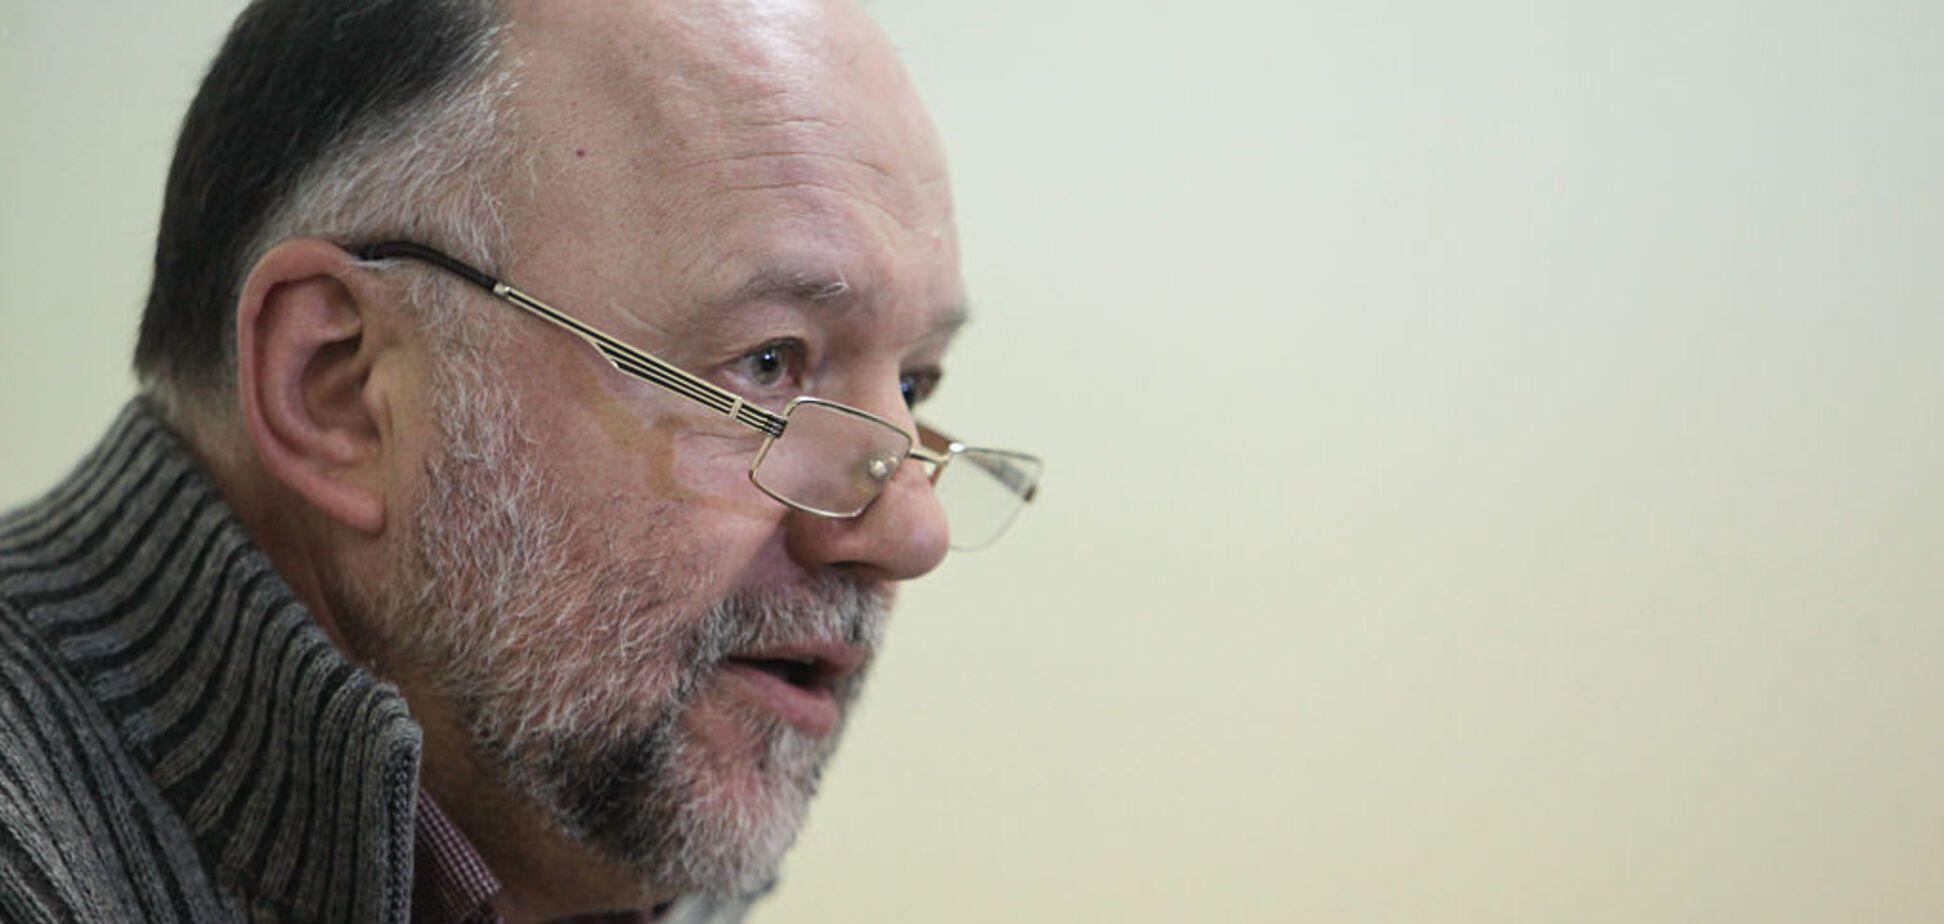 'Убивать украинцев': Курков и Прилепин поспорили из-за войны на Донбассе